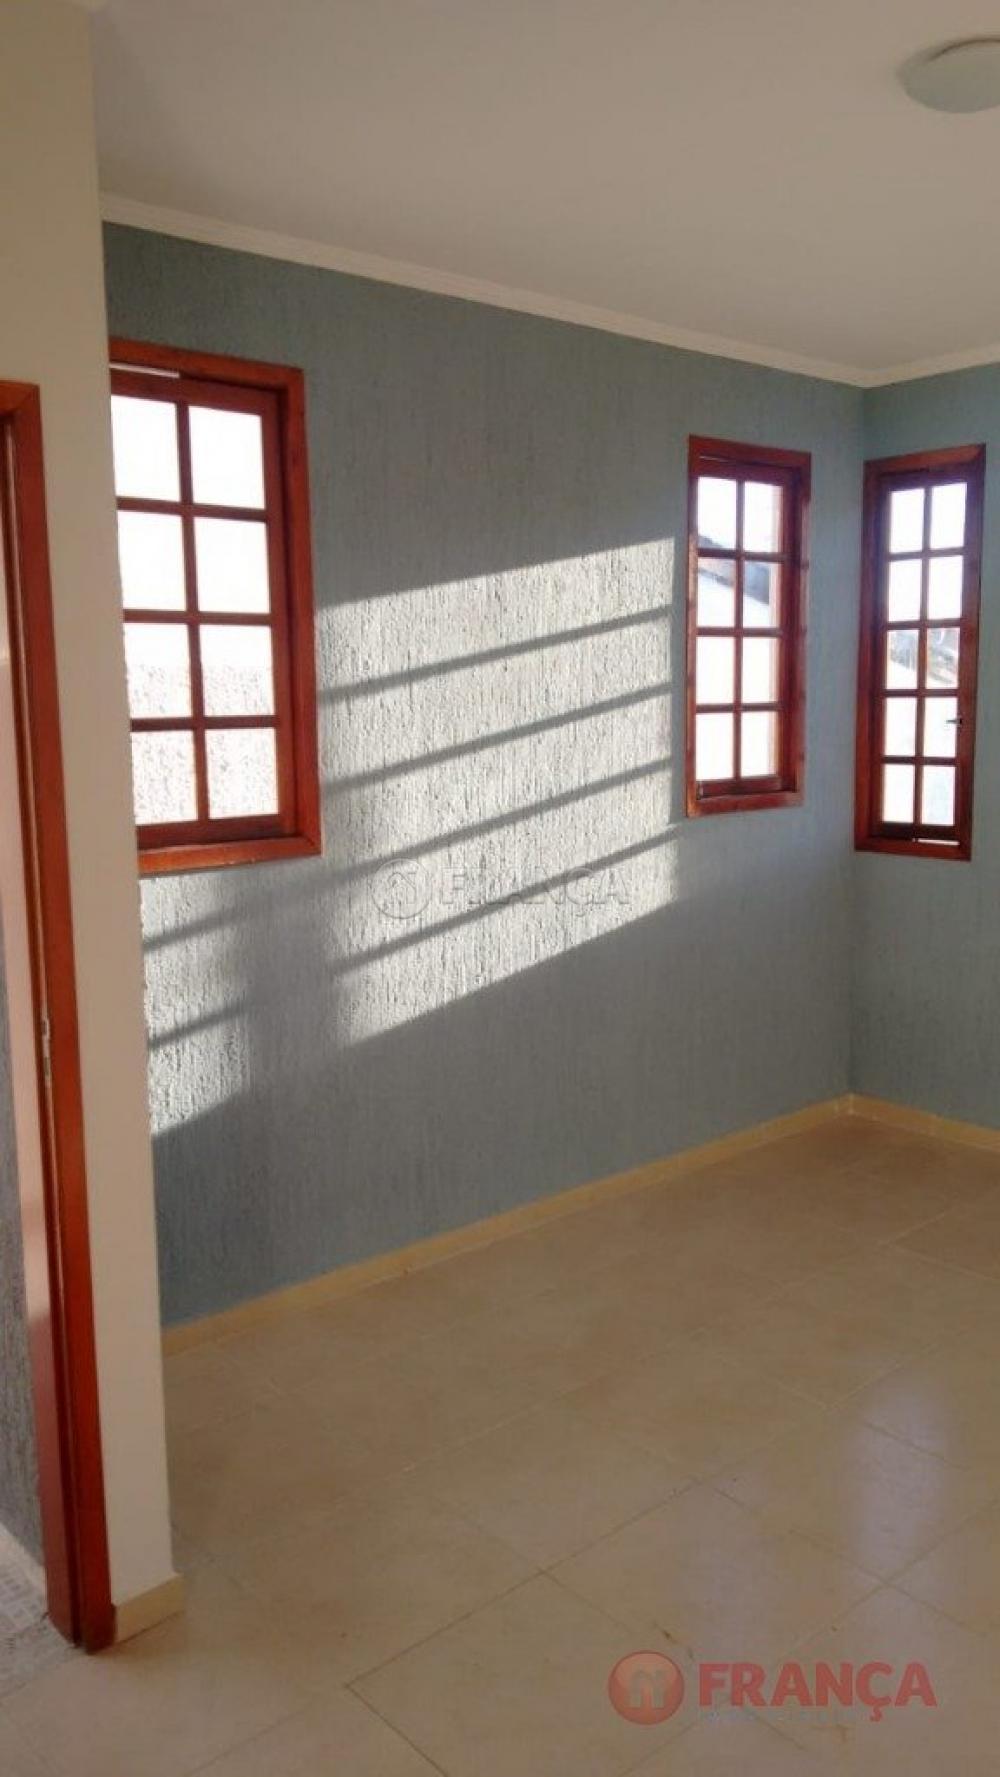 Comprar Casa / Padrão em Jacareí apenas R$ 265.000,00 - Foto 47